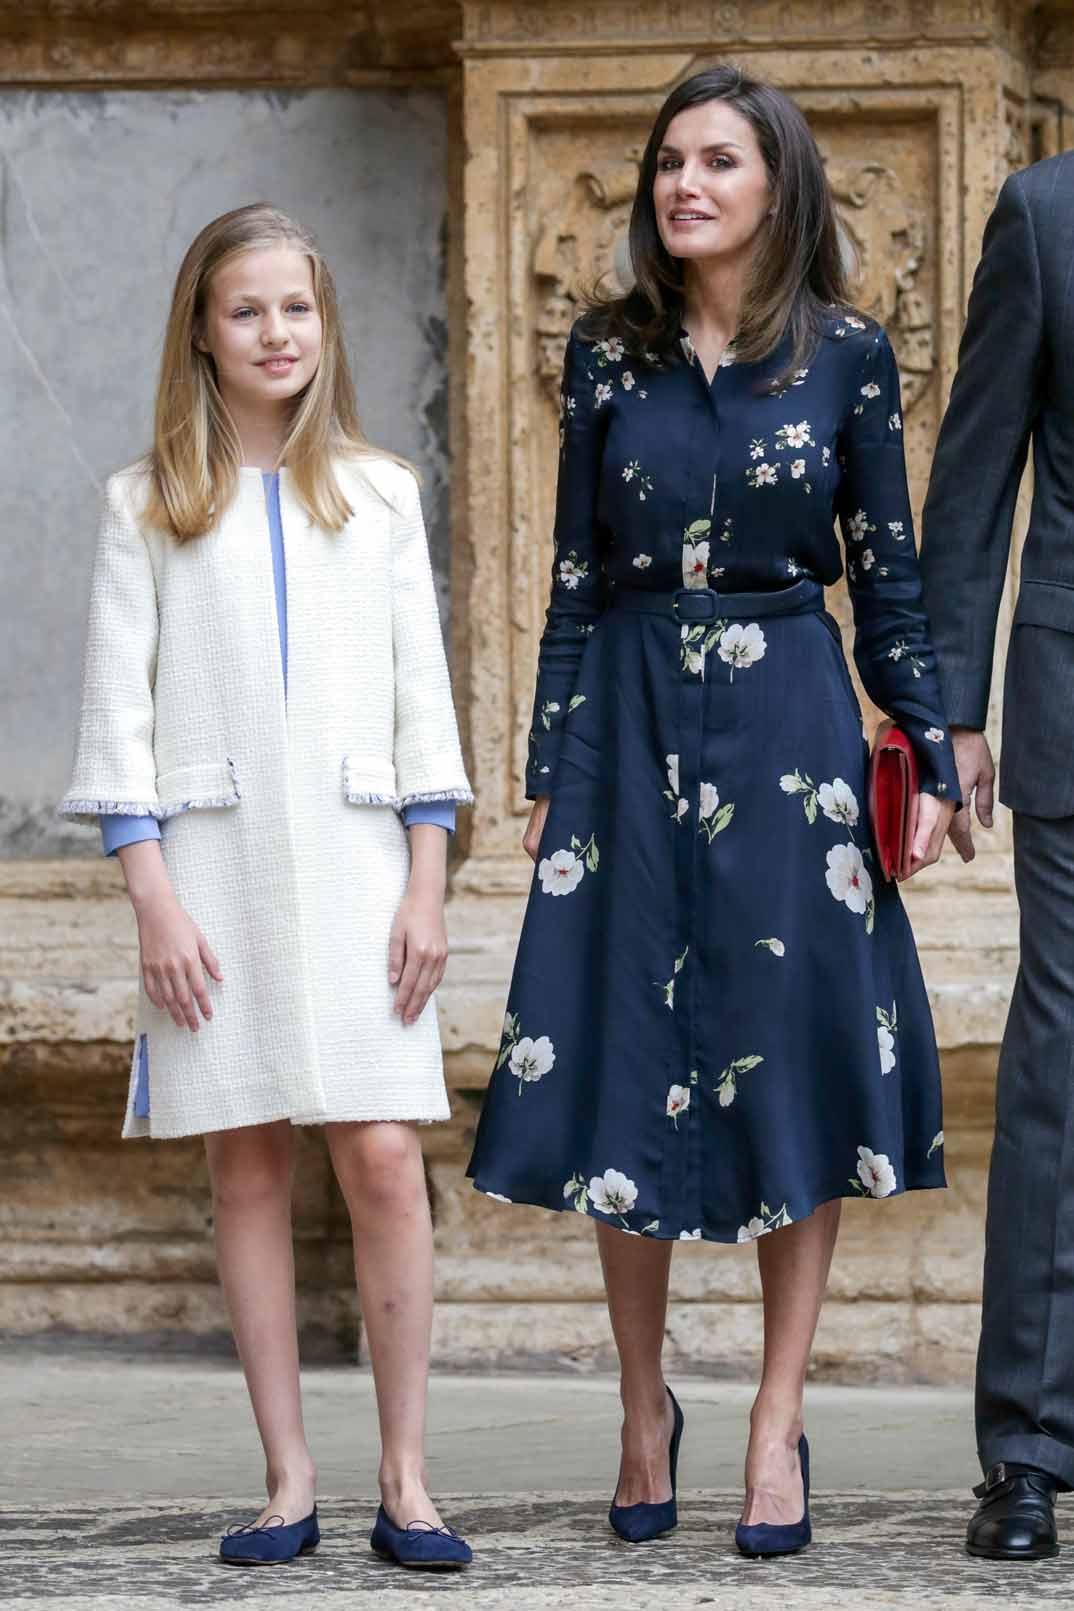 La reina Letiza y la princesa Leonor